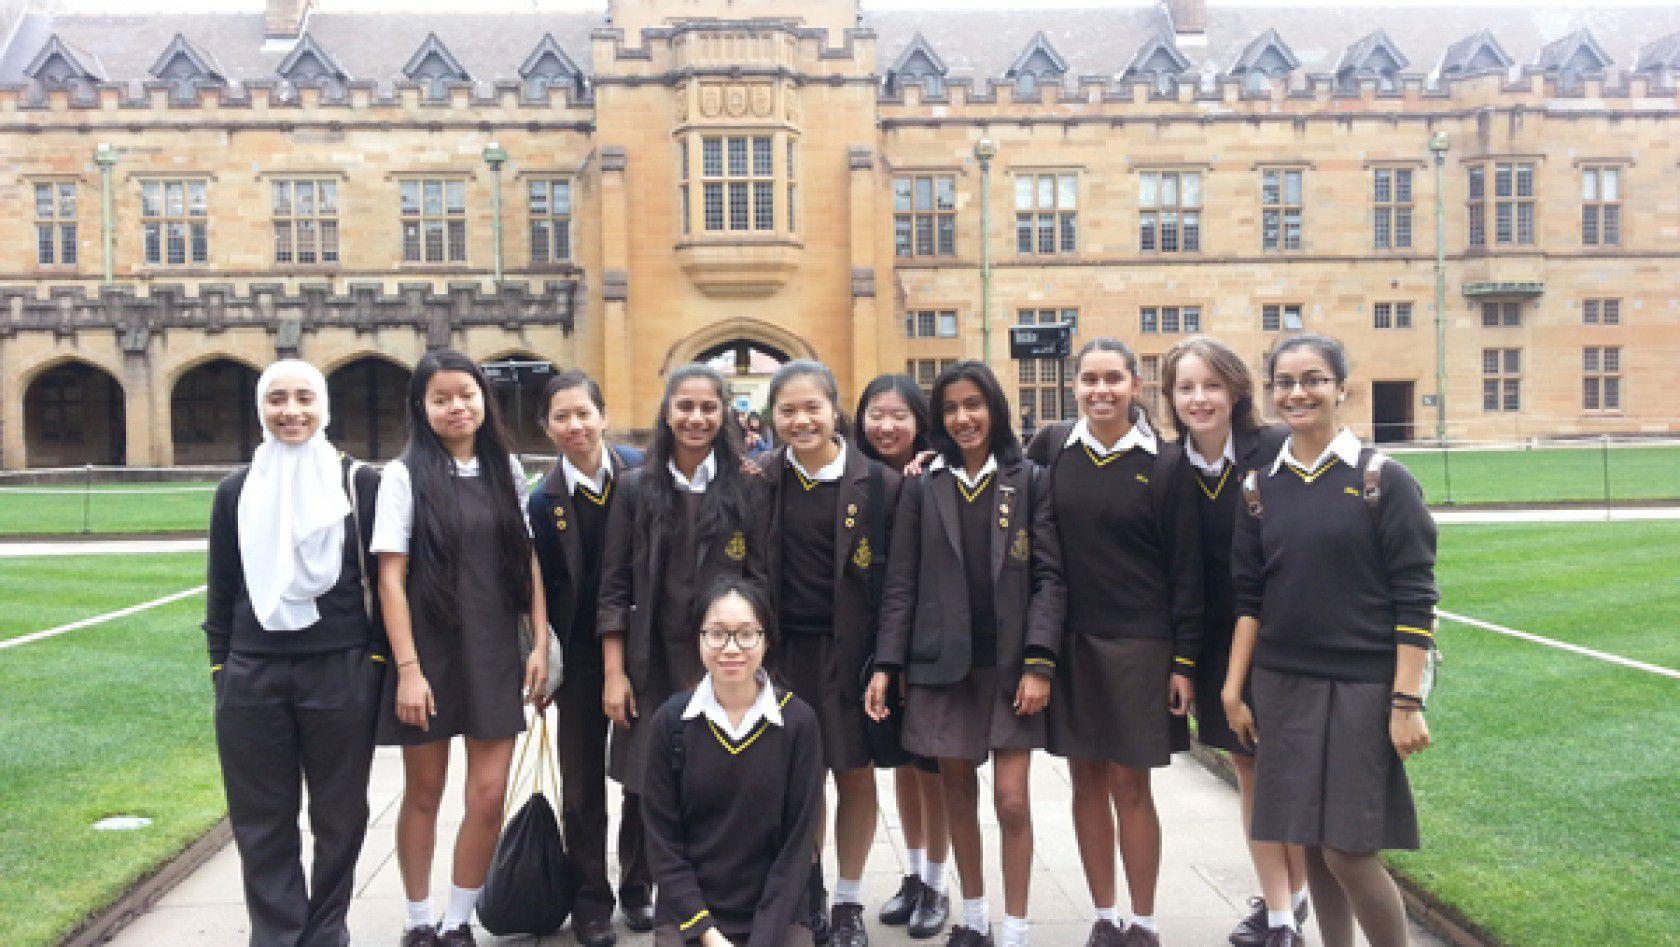 Avustralyada eğitim alırken gezebileceğiniz 7 yer